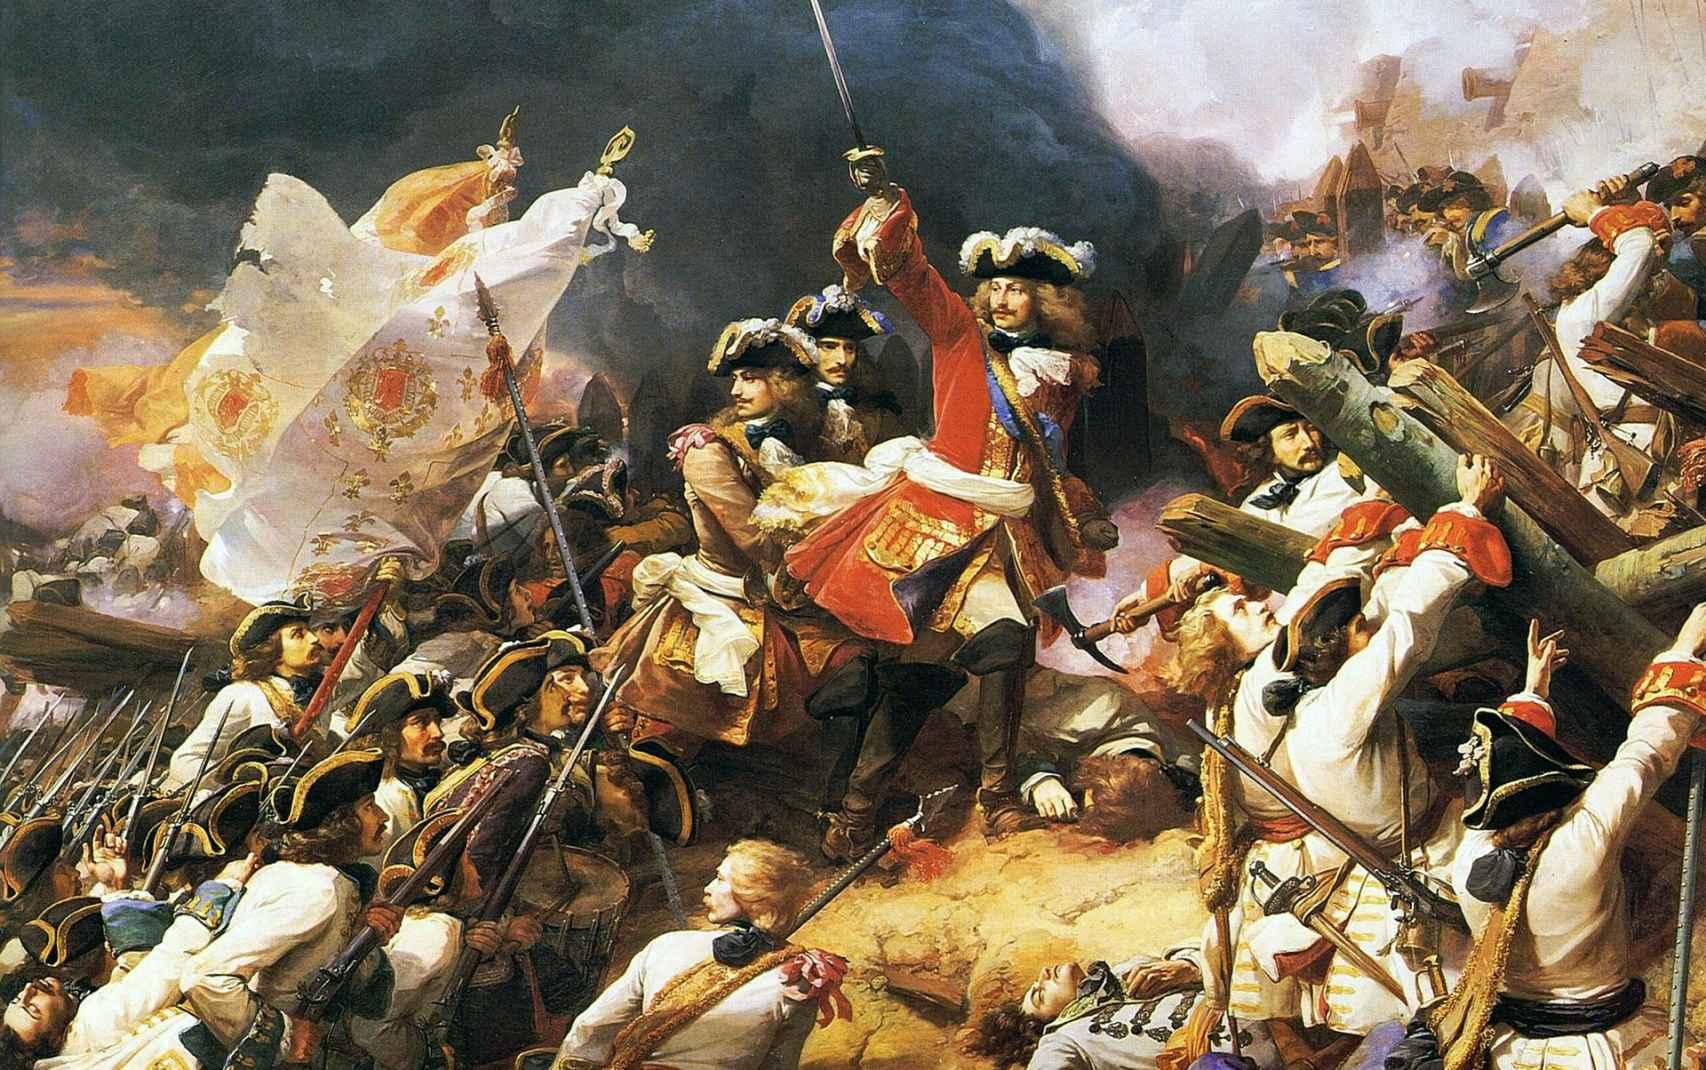 Representación de la Batalla de Denain, donde los barbones consiguieron una gran victoria.